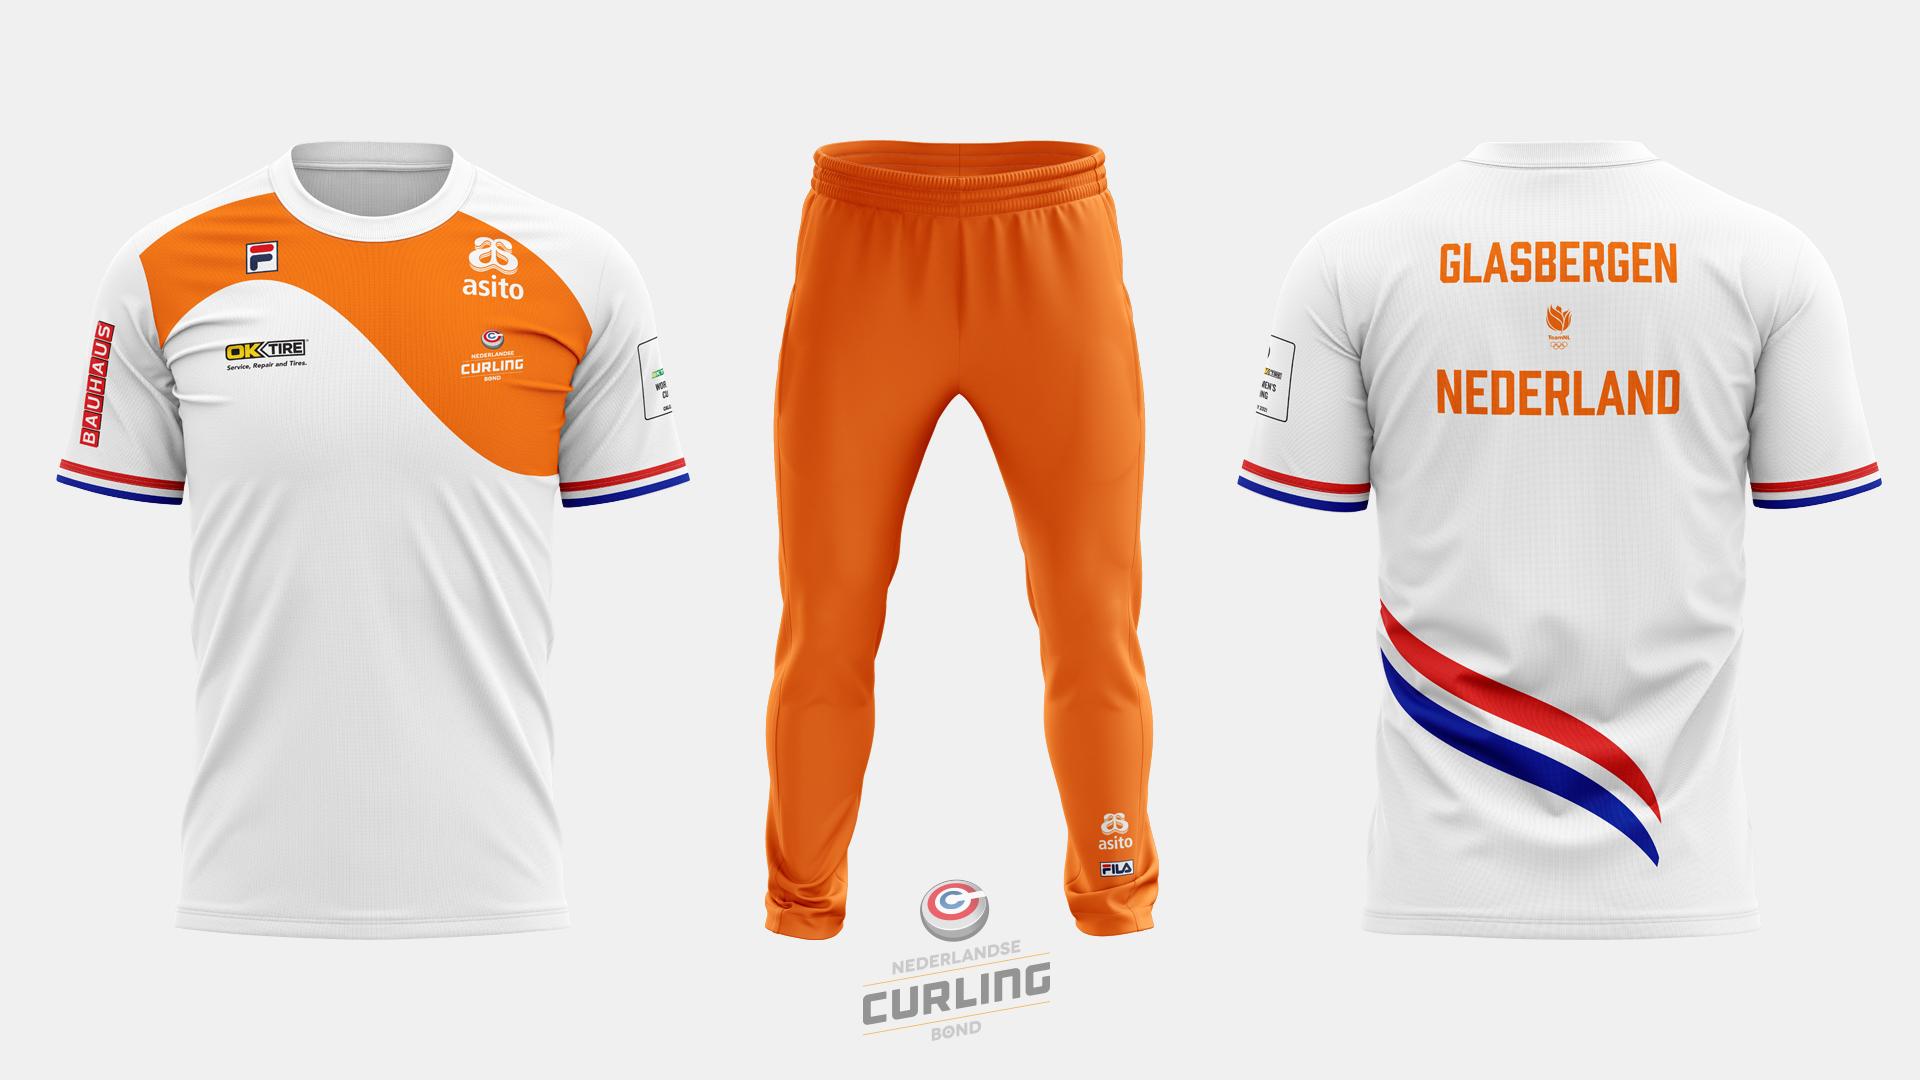 Team NL Curling jersey away